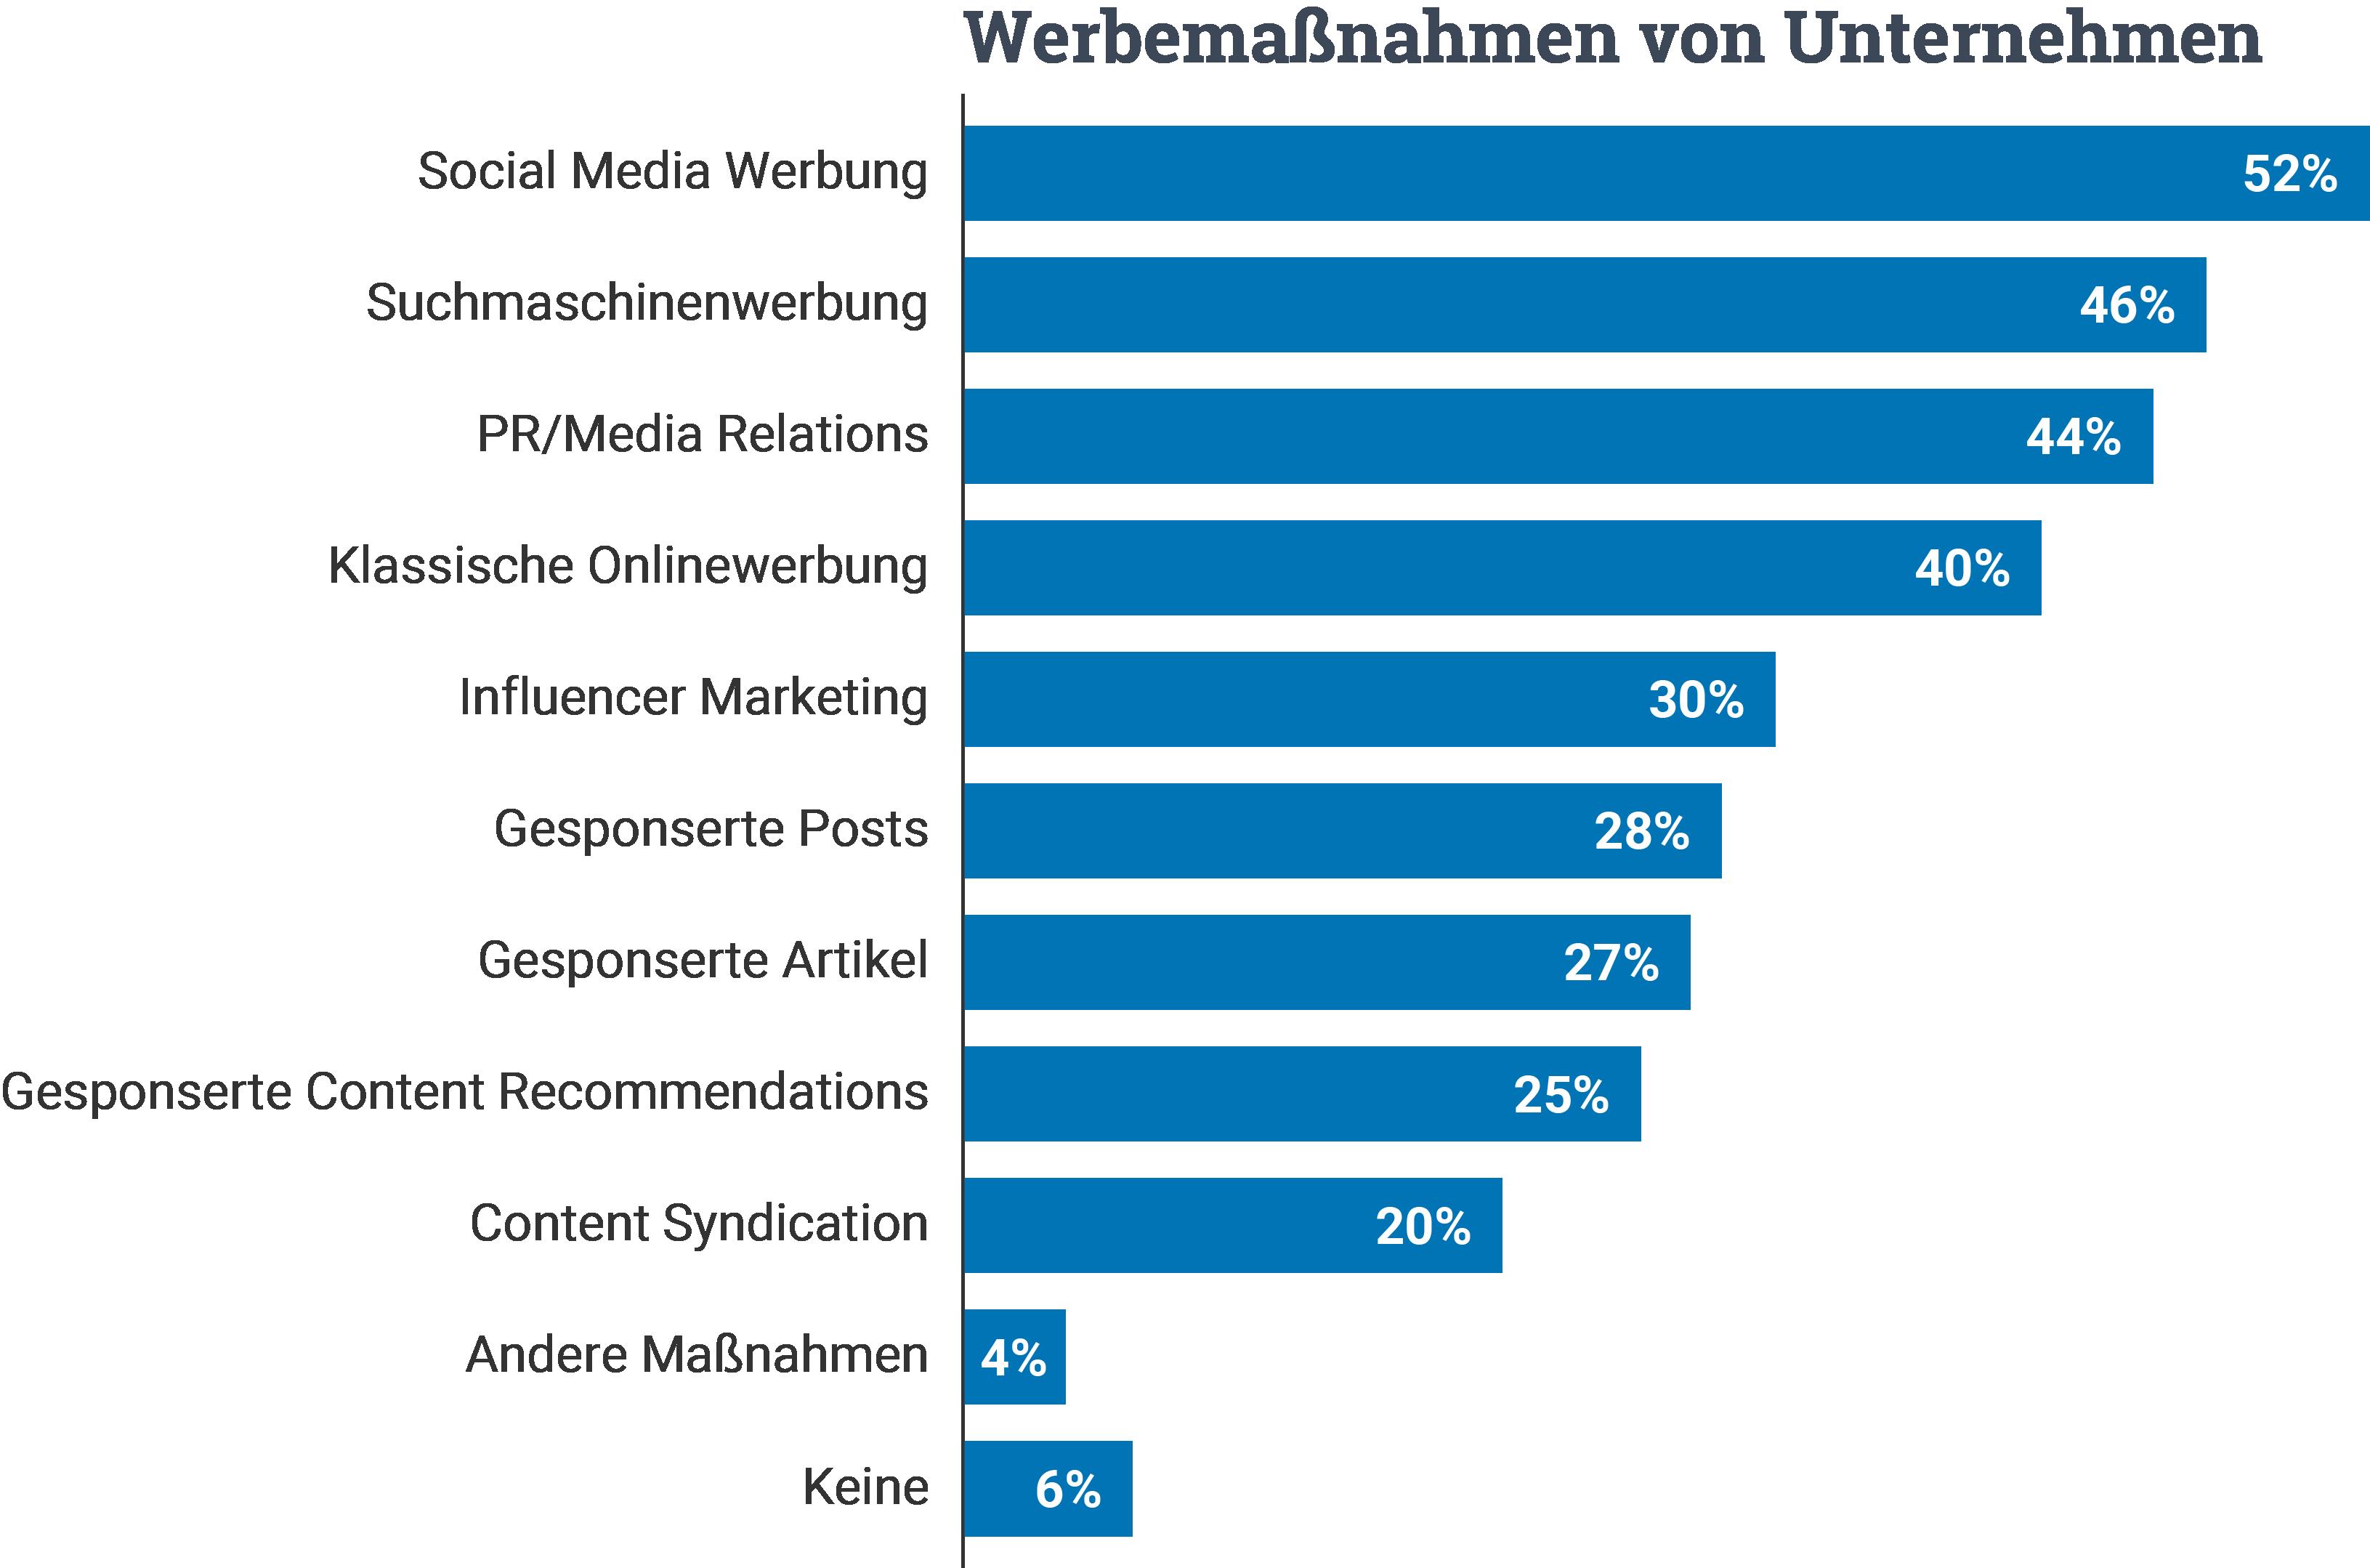 Werbemaßnahmen von Unternehmen Statistik